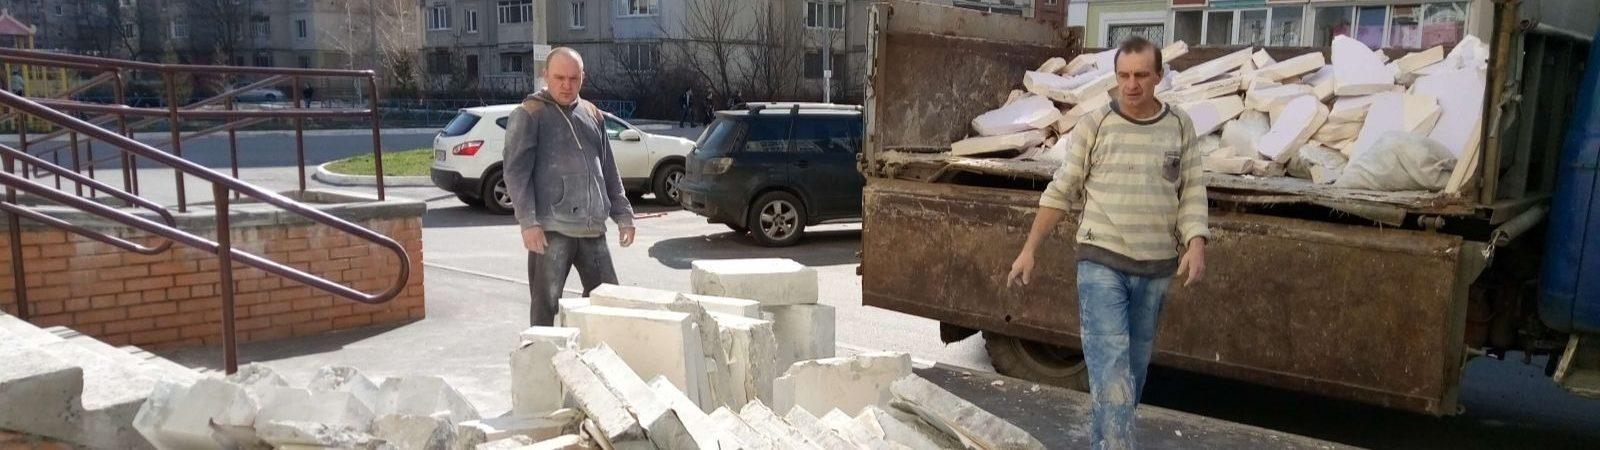 Правила утилизации строительного мусора